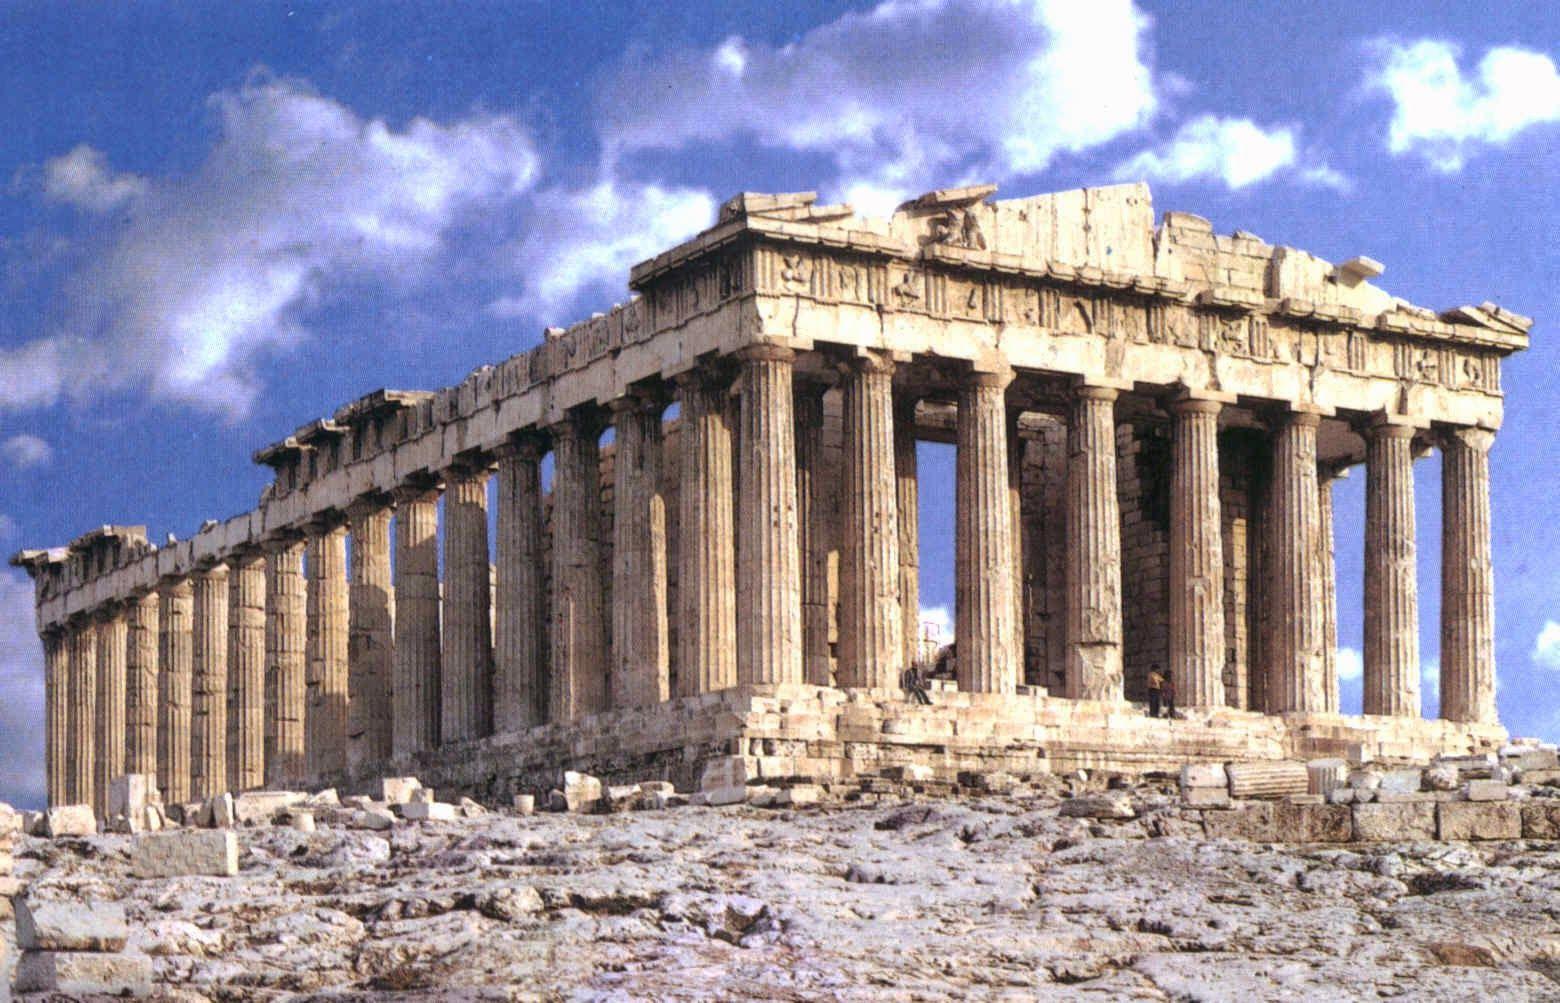 Arquitectura En La Antigua Grecia Templo Griego Características Paisaje Asentamien Arquitectura De La Antigua Grecia Grecia Antigua Grecia Arquitectura